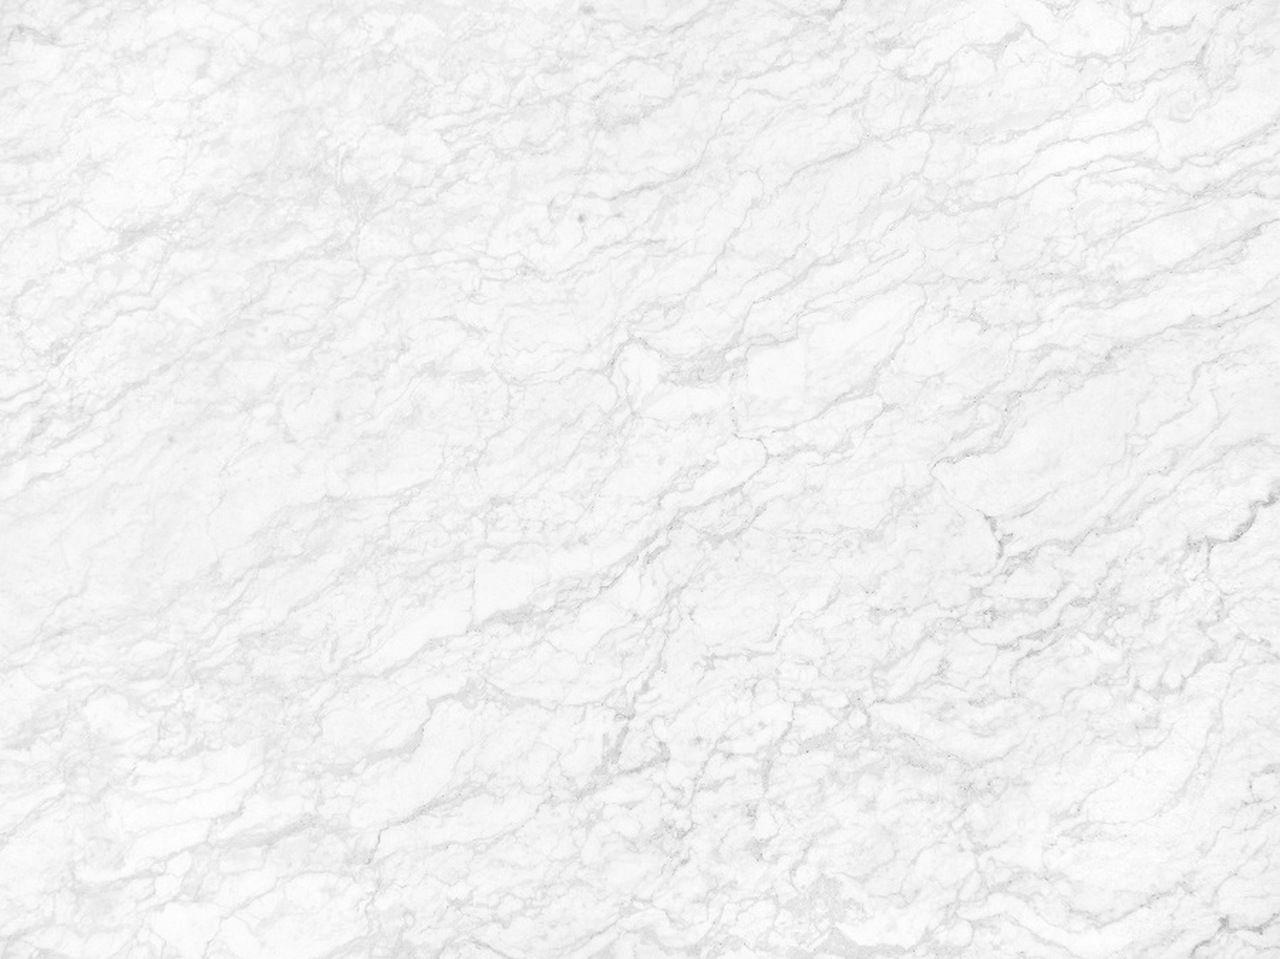 Adesivo Lavável Imita Mármore/Granito Textura 4